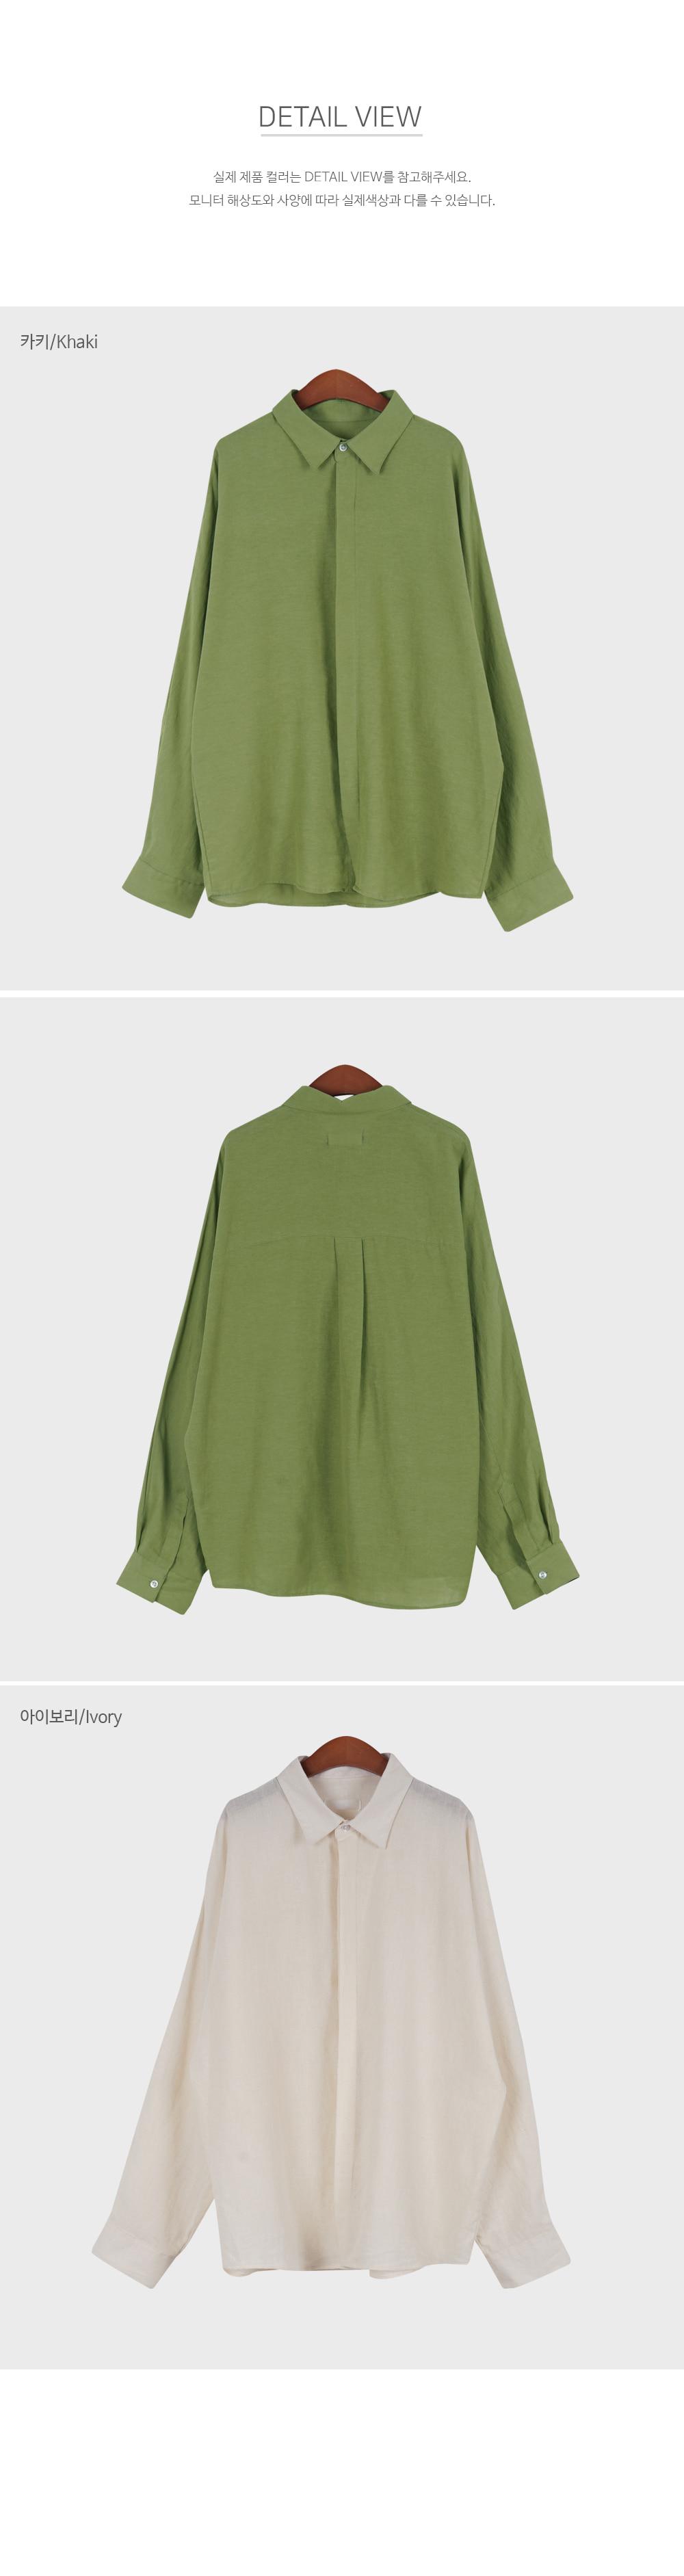 Basic Hidden Button Linen Shirt-holiholic.com